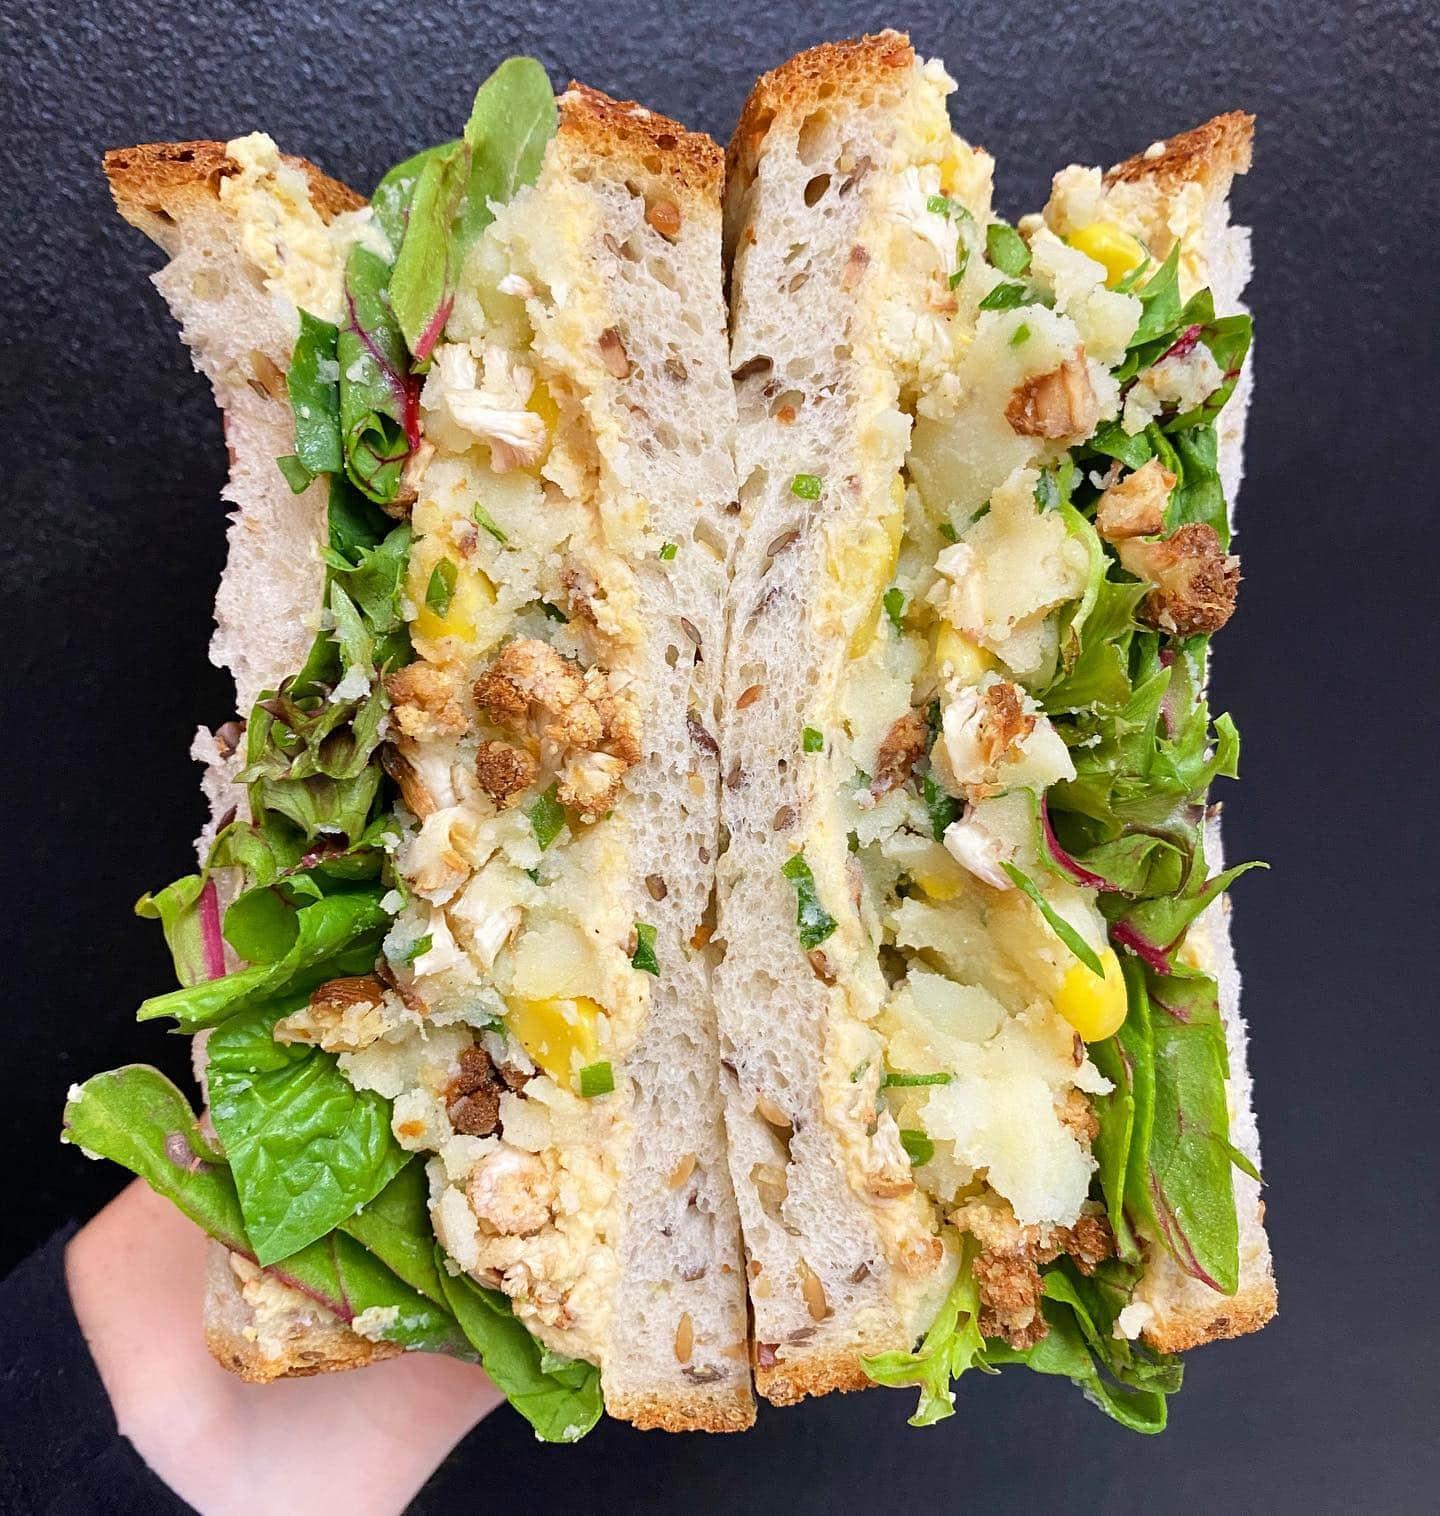 270 Bench Kitchen vegan sandwich with potato and cauliflower